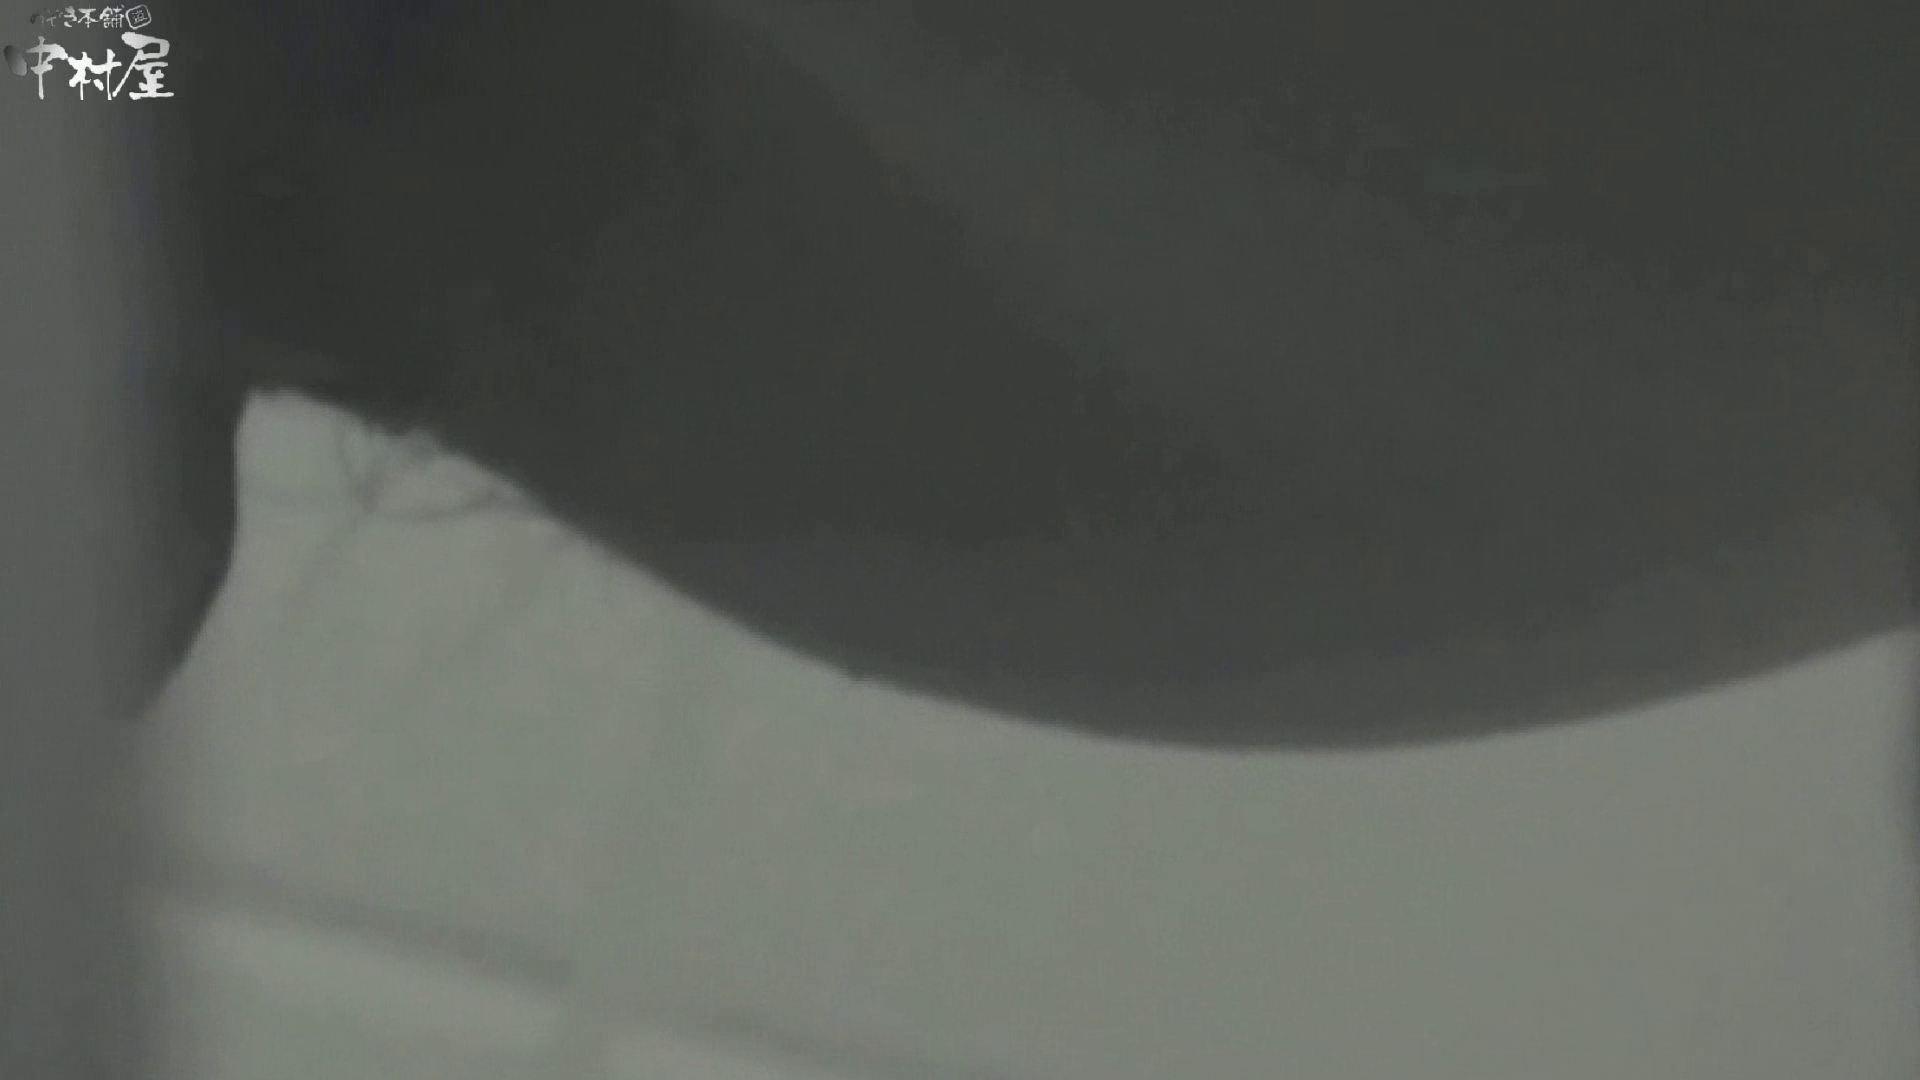 解禁!海の家4カメ洗面所vol.08 人気シリーズ | 洗面所  71pic 16